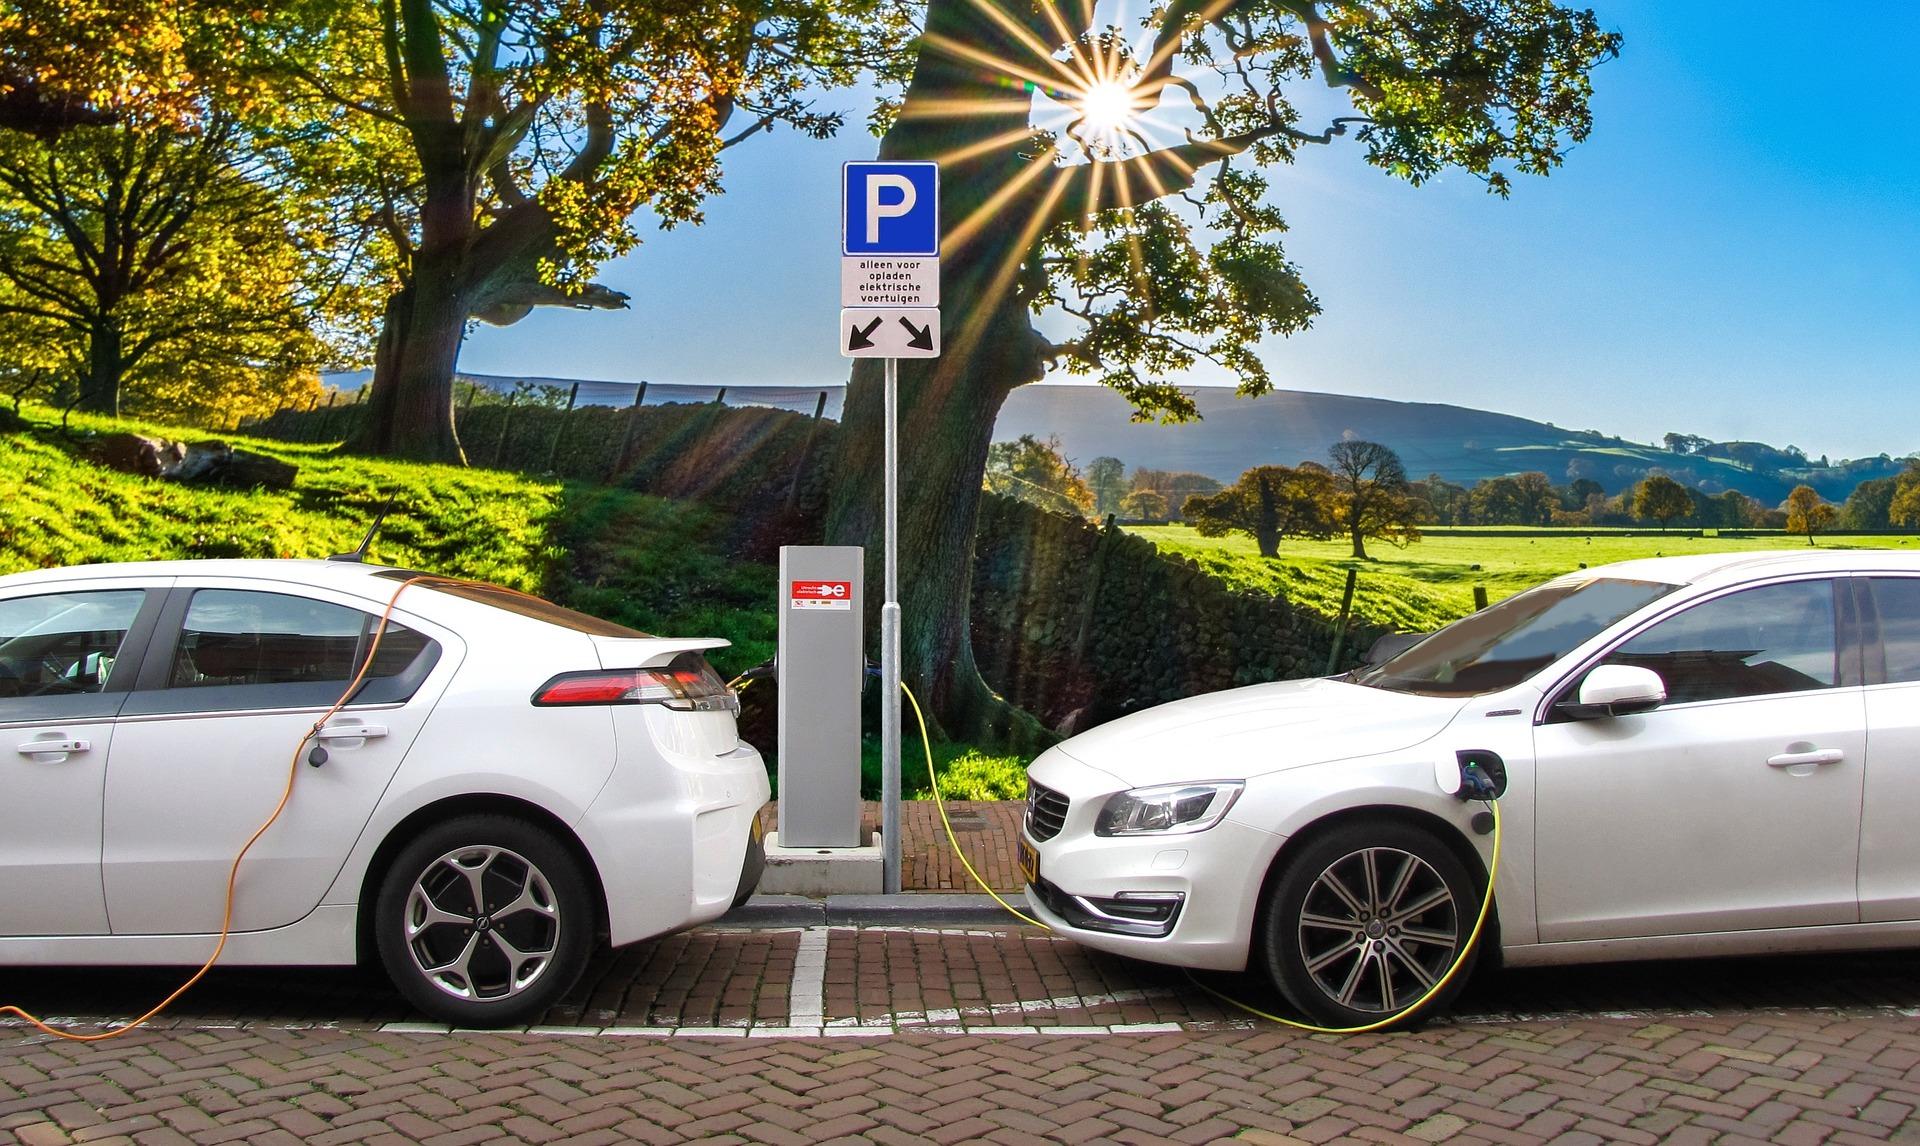 Elektroniske parkeringsskiver og Mesh Wi-Fi routere – En kort gennemgang